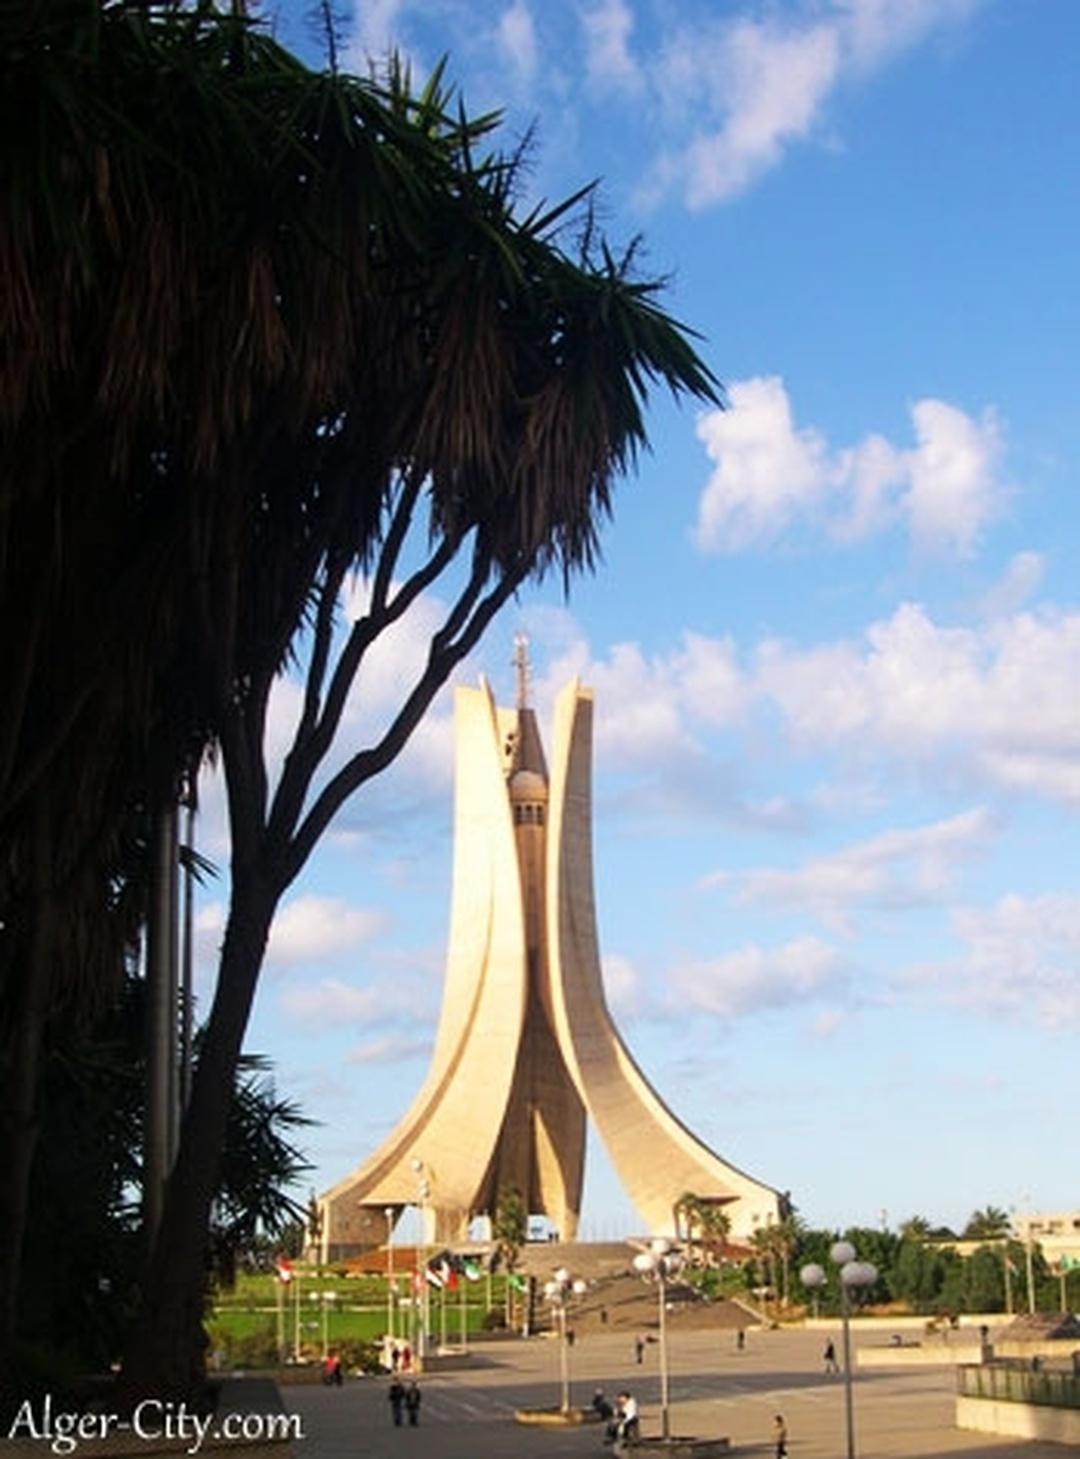 Foto del 5 de febrero de 2016 18:56, Memorial du Martyr, Rue n° 3, Kouba, Algeria